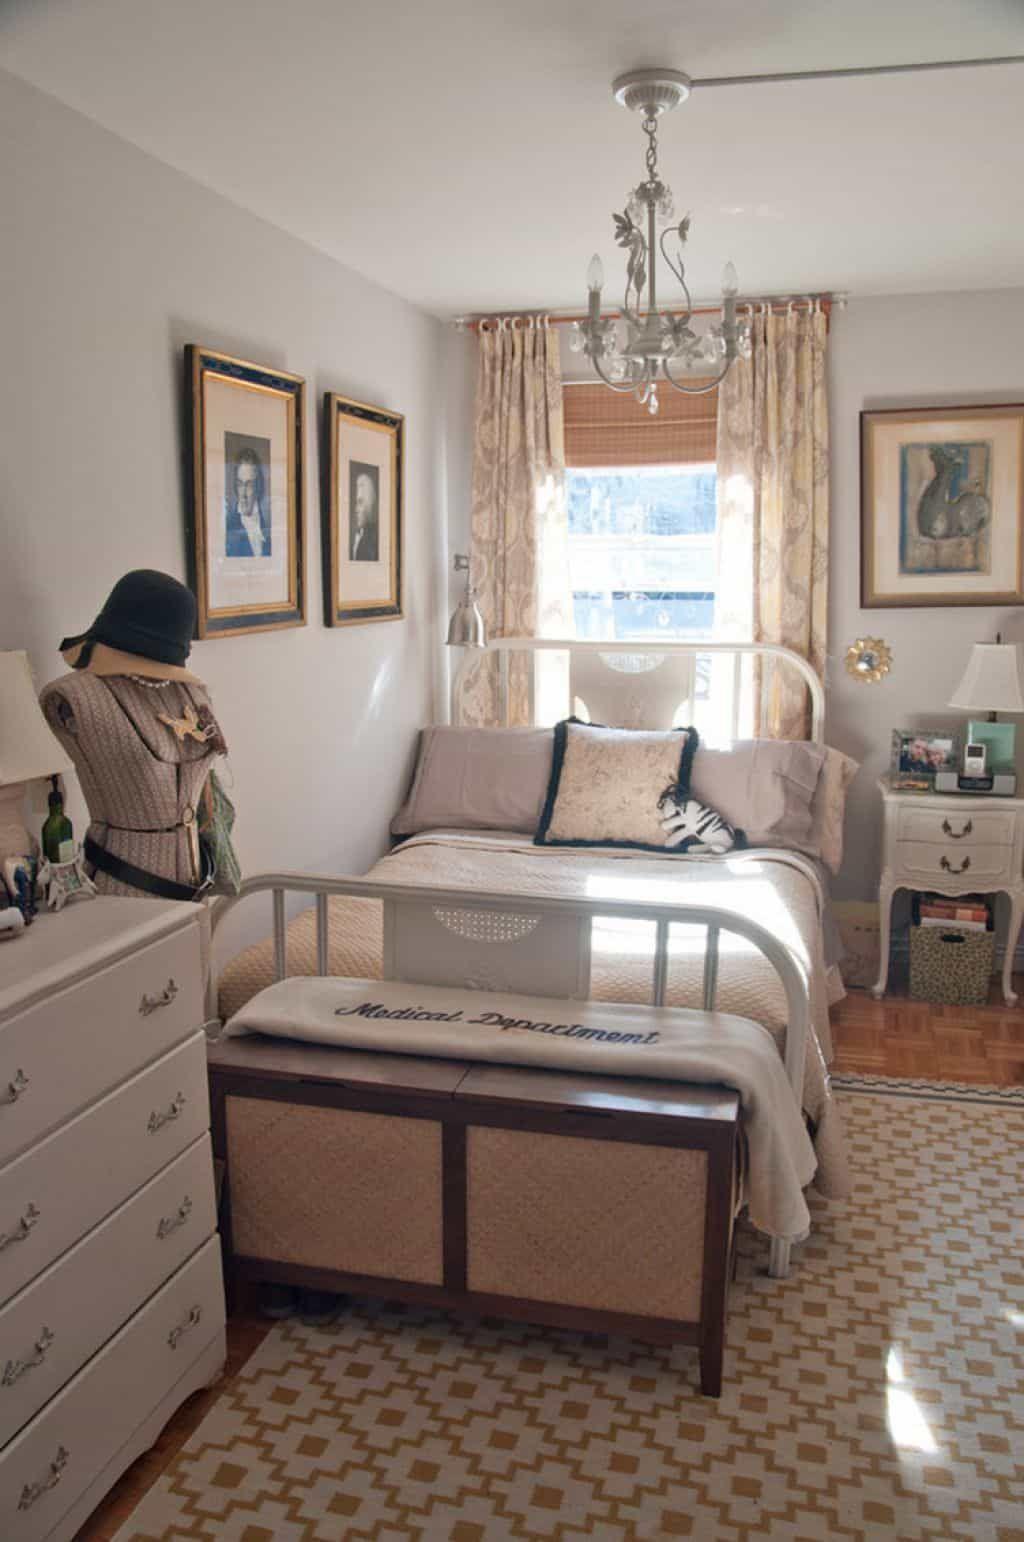 Nice Small Bedroom Arrangement Tips To Maximize The Space In 2020 Small Bedroom Arrangement Bedroom Arrangement Cozy Small Bedrooms